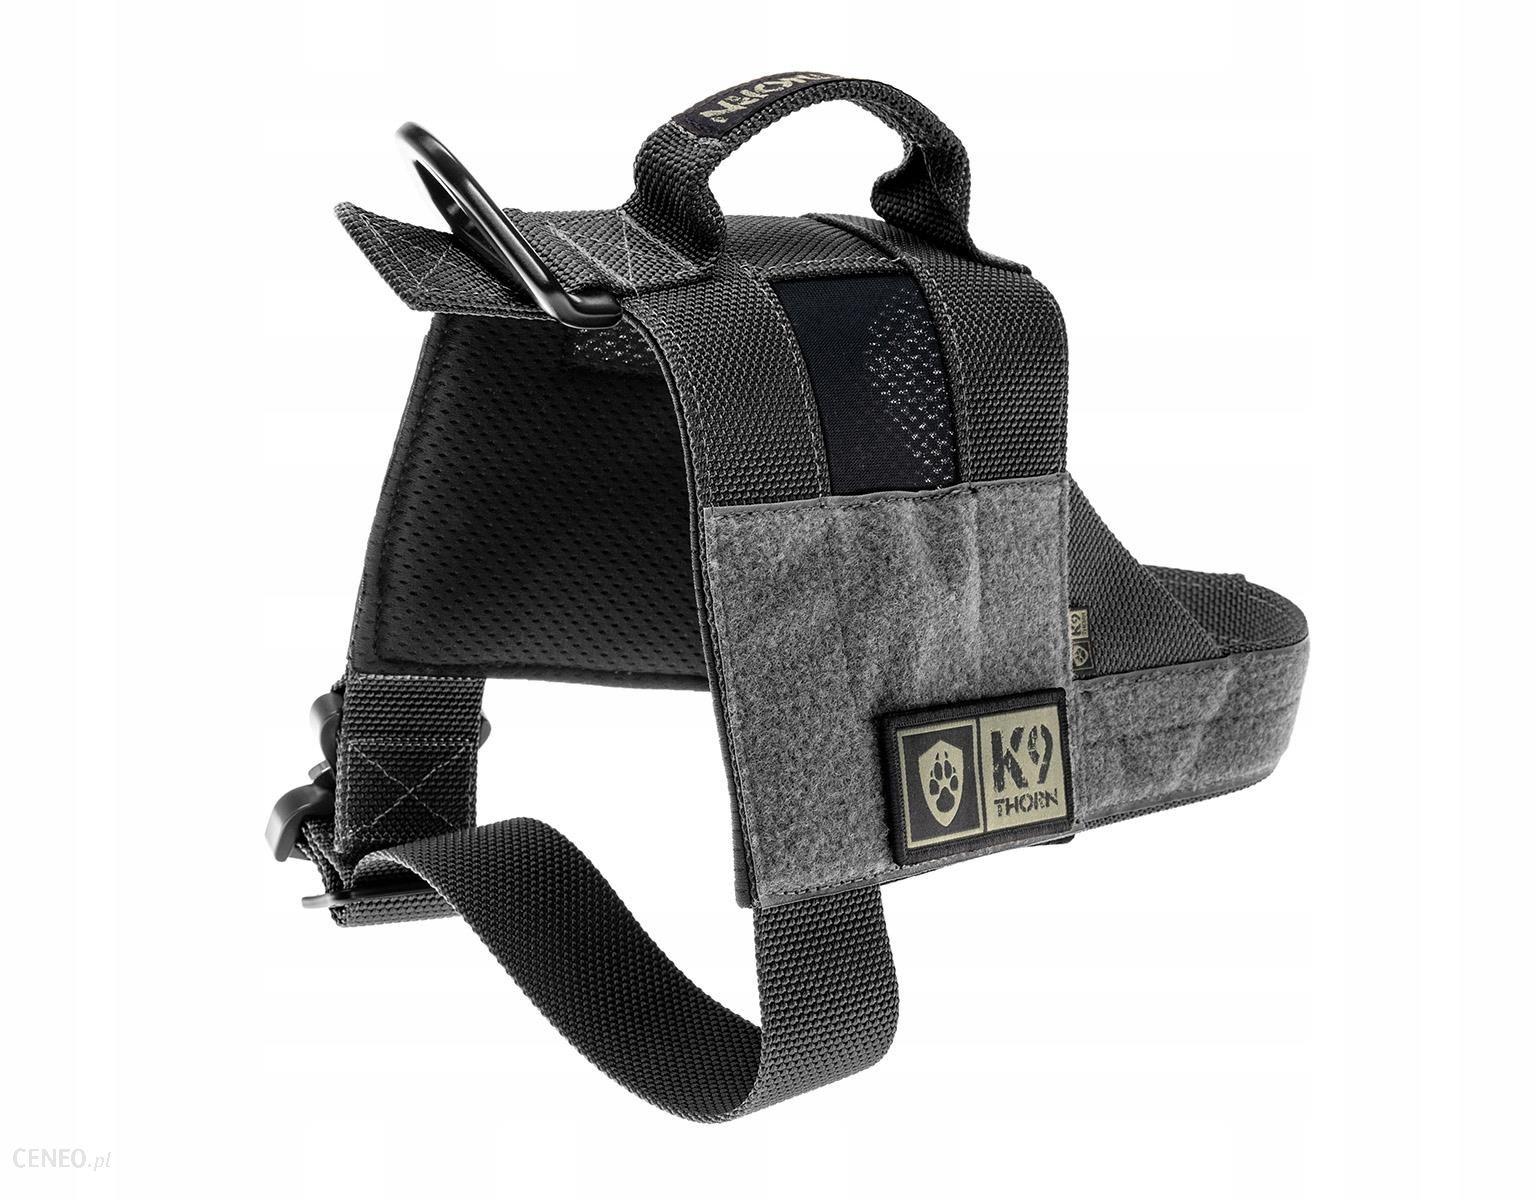 Szelki dla psa K9 thorn Bravo czarne rozmiar XL